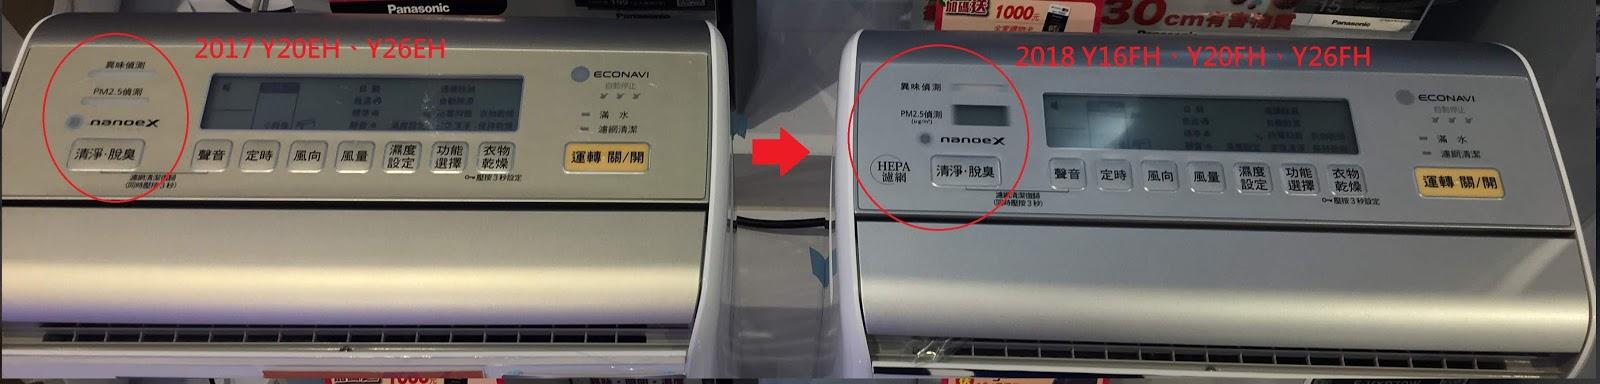 家電情報(日系品牌為主): 除濕機選購 及除濕機使用注意事項 (同場加映 清淨機